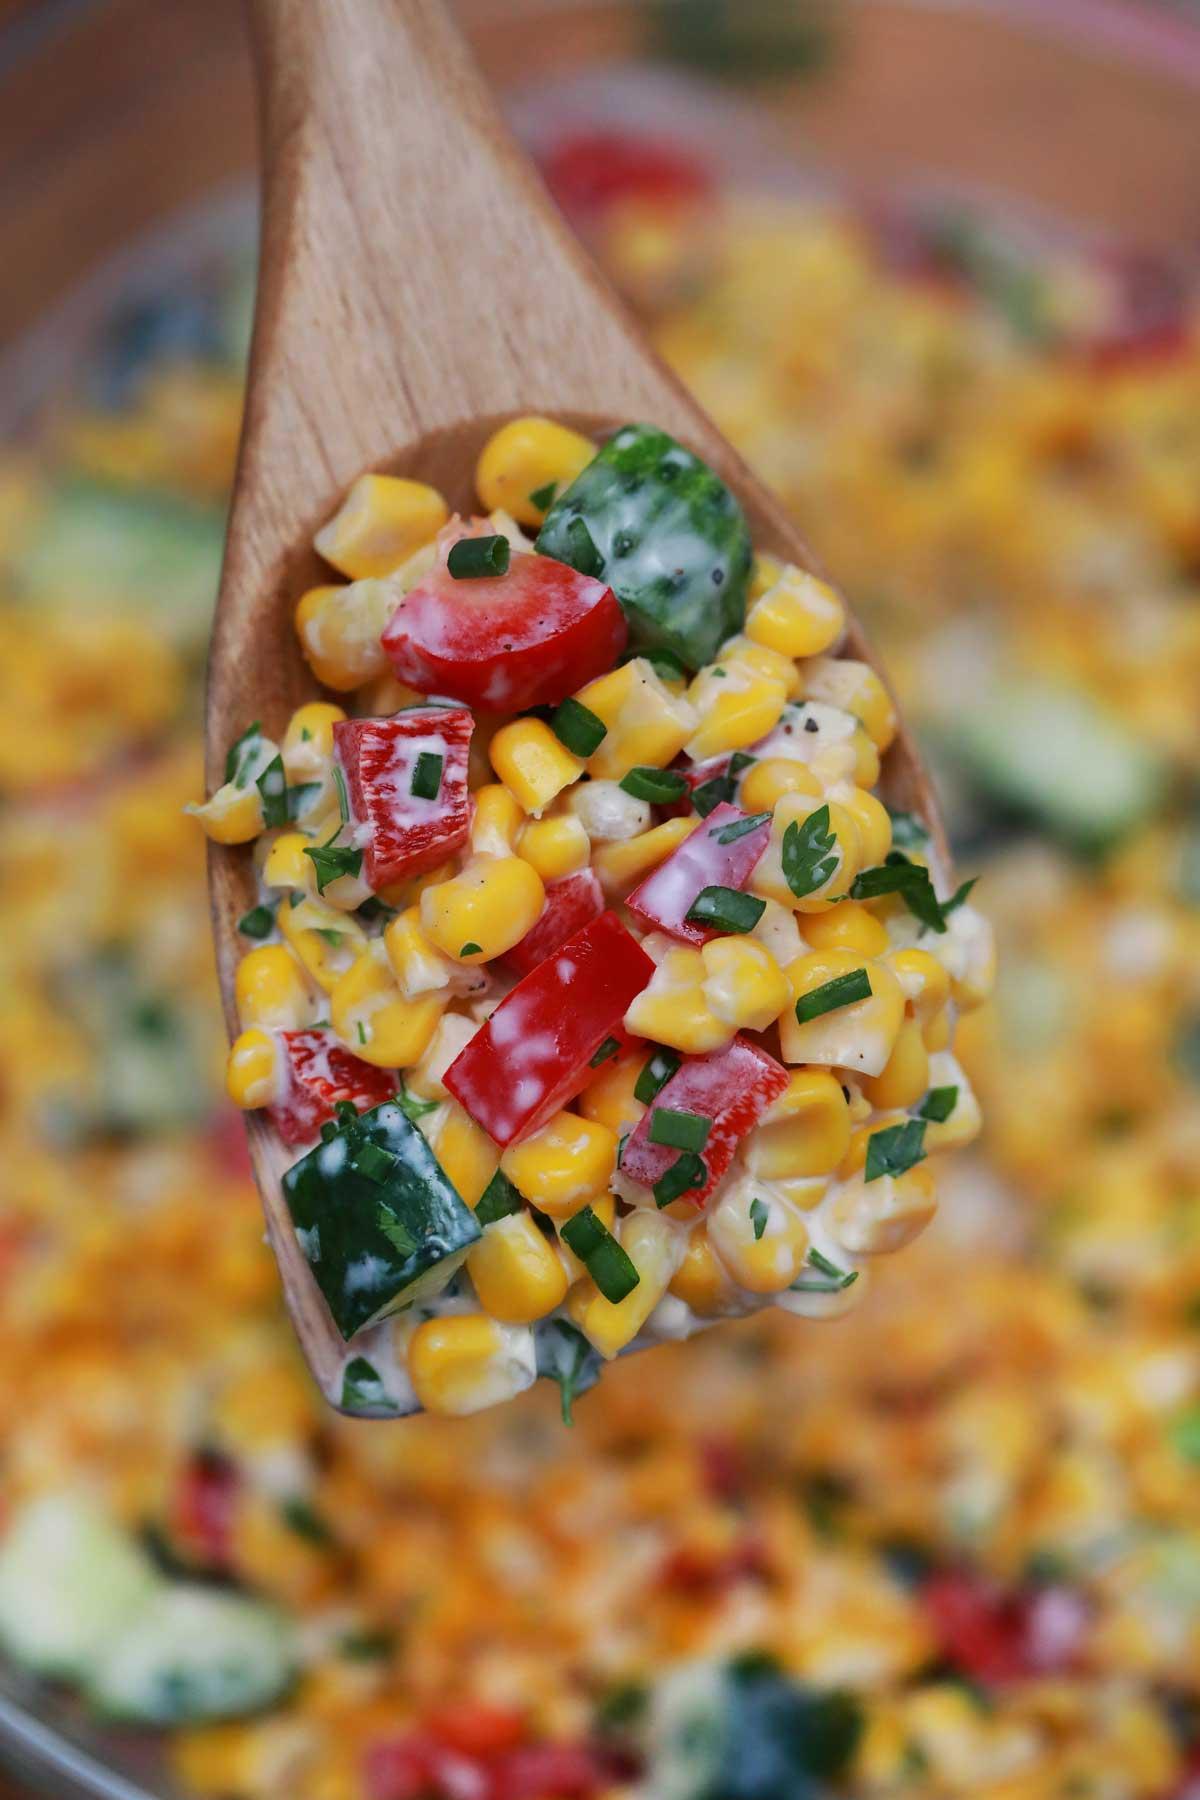 Wooden spoon of corn salad